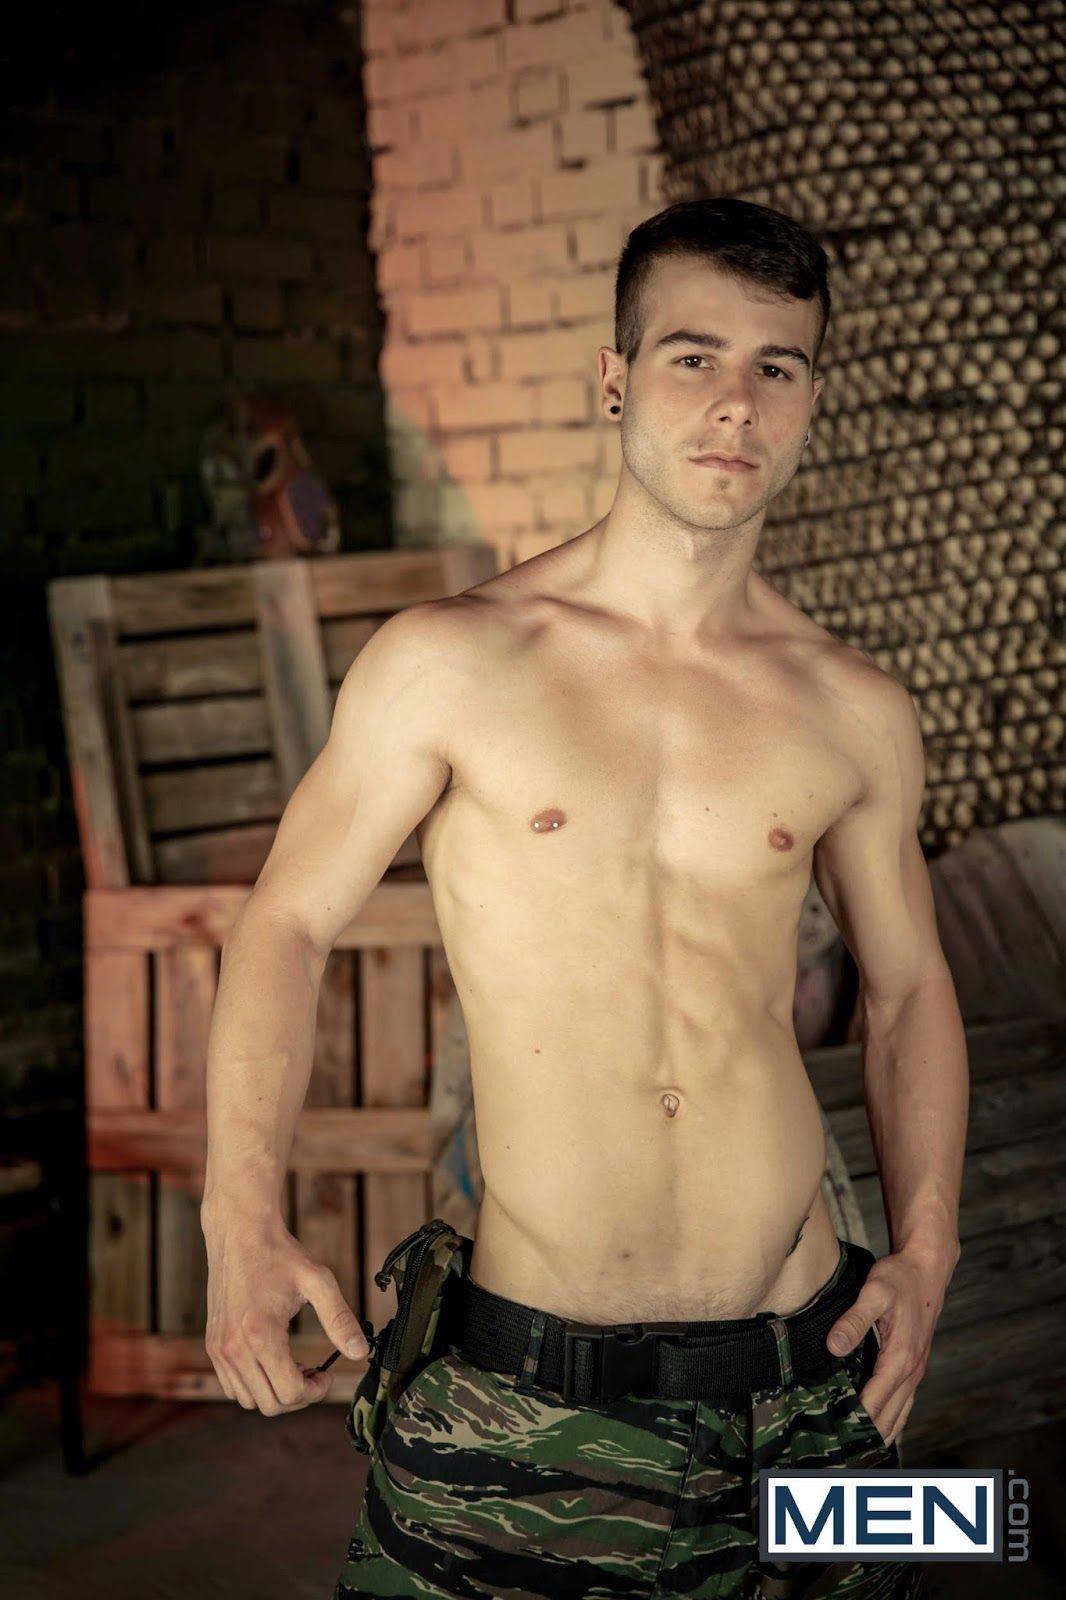 Allen King Aka Allen Kg Spanish Gayporn Actor And Waiting Staff At